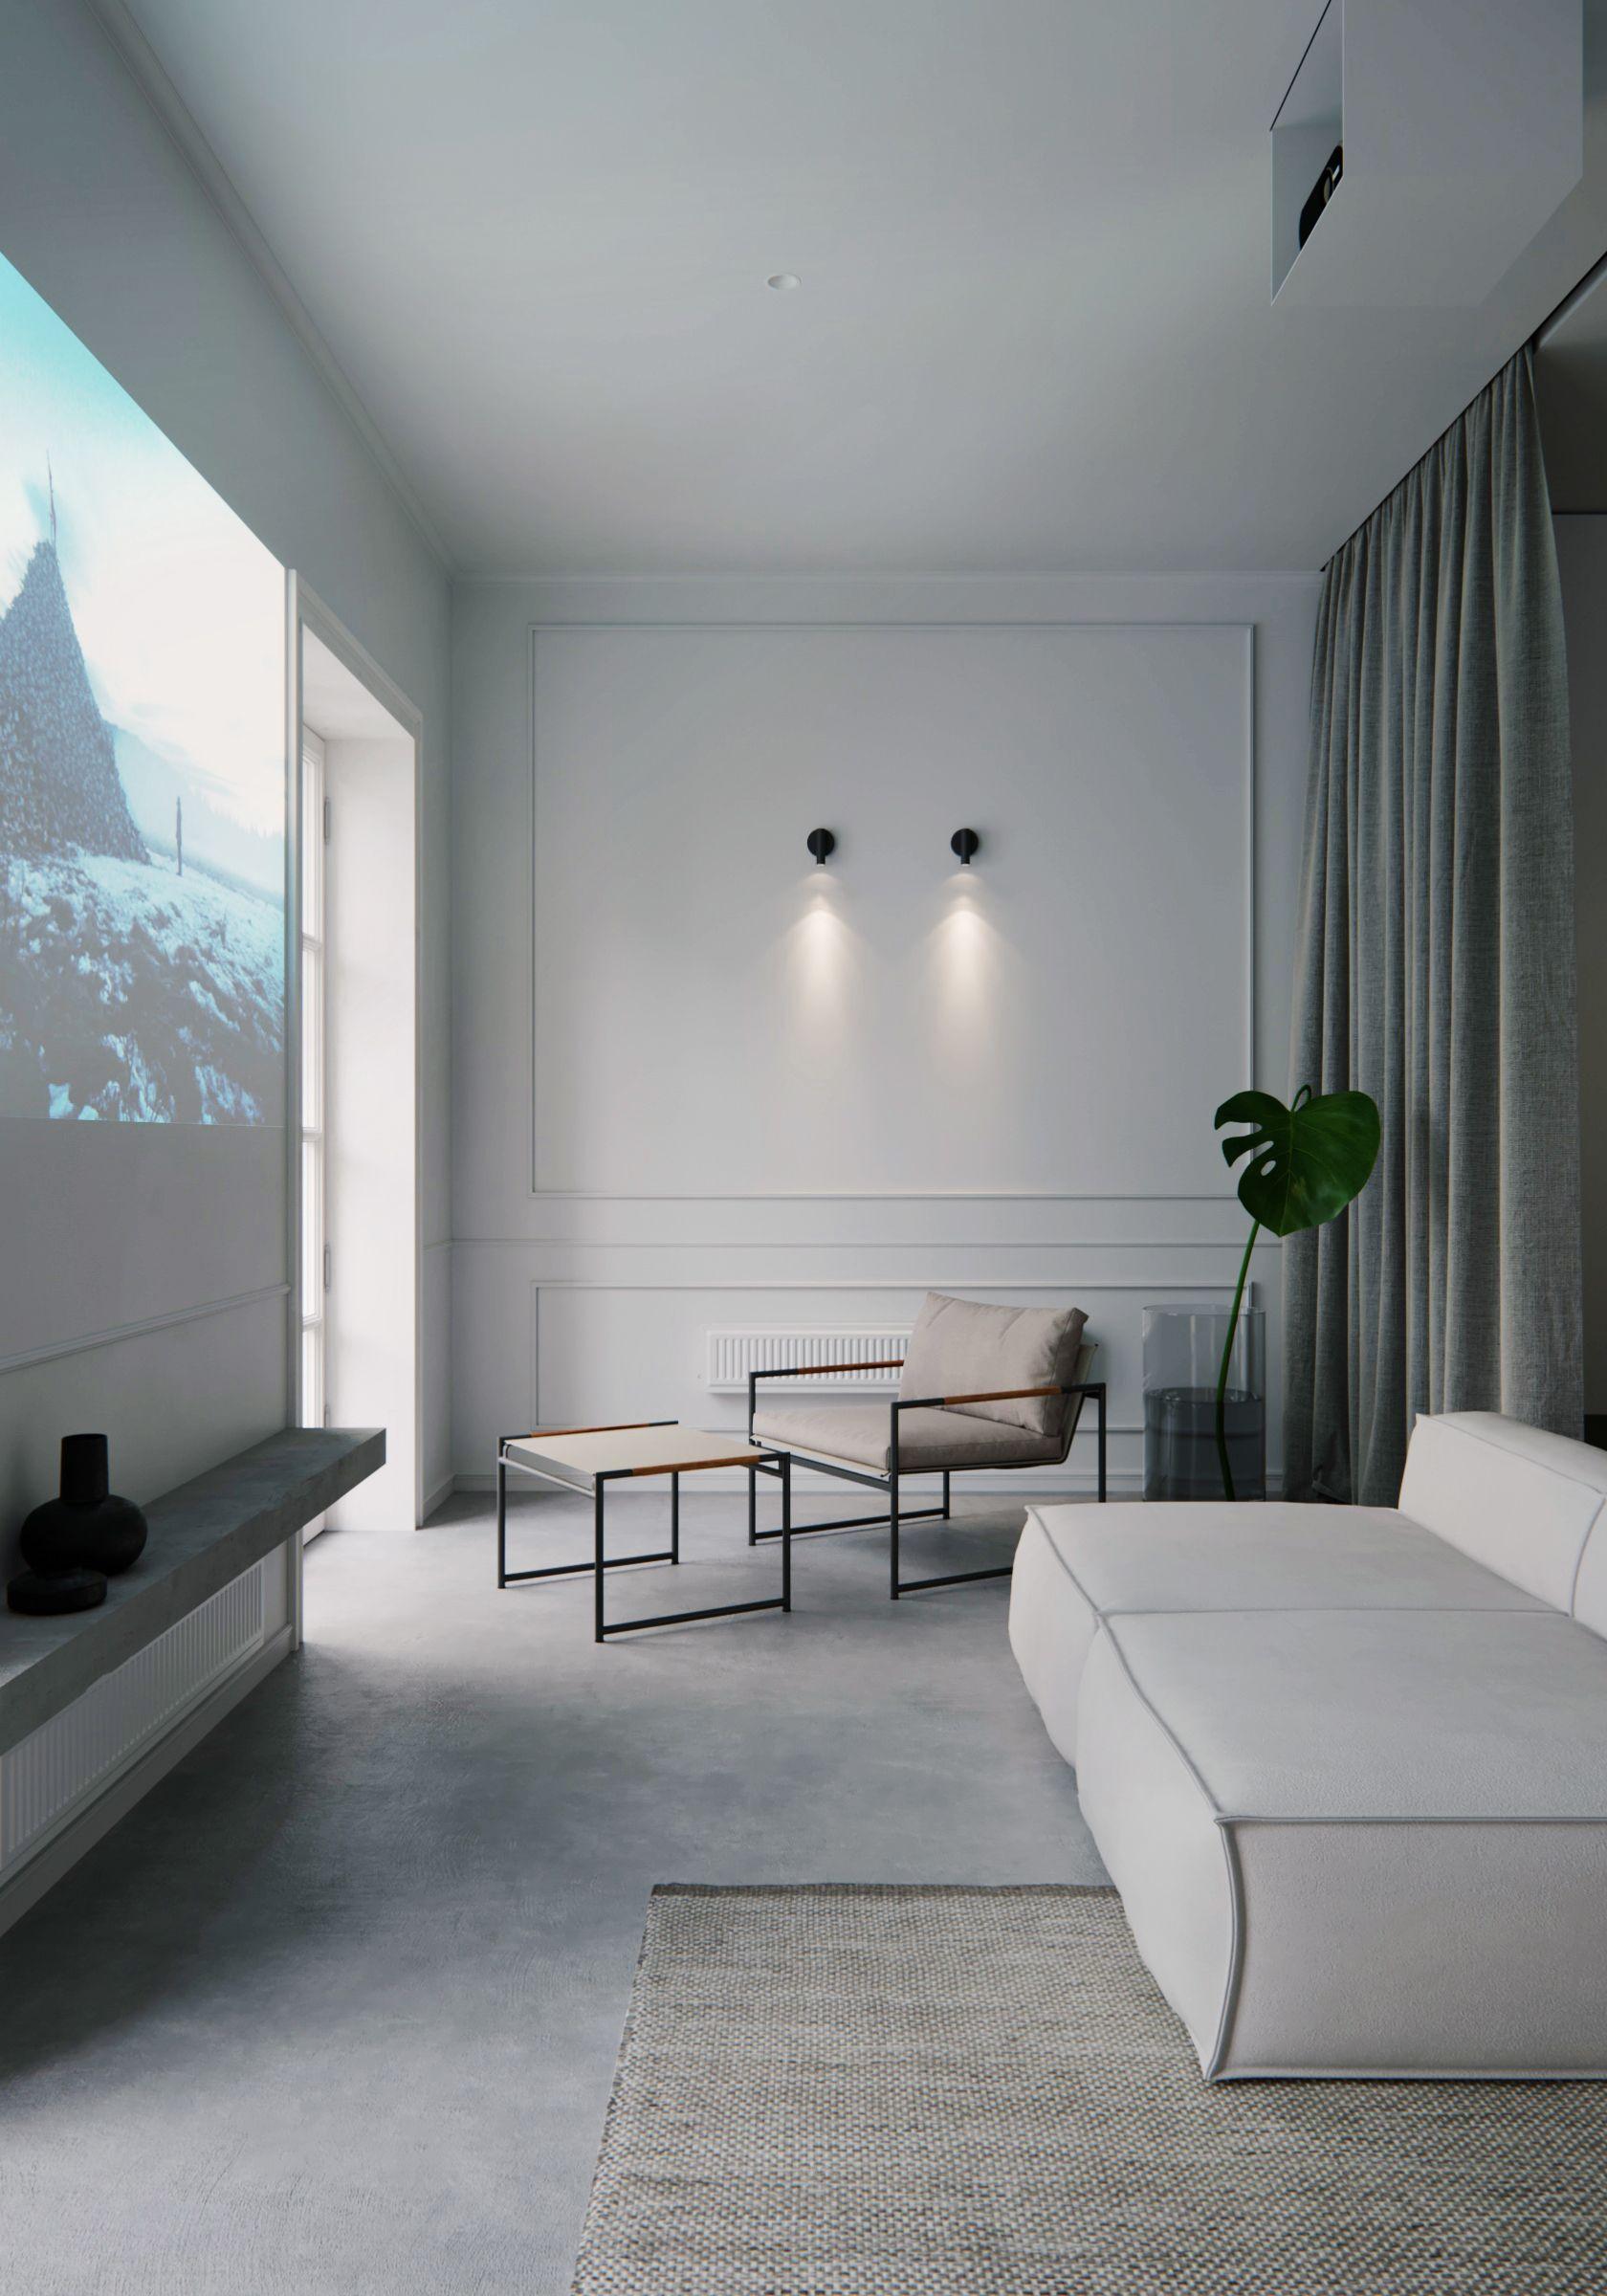 Saintp apartment dom pinterest home interior and home decor